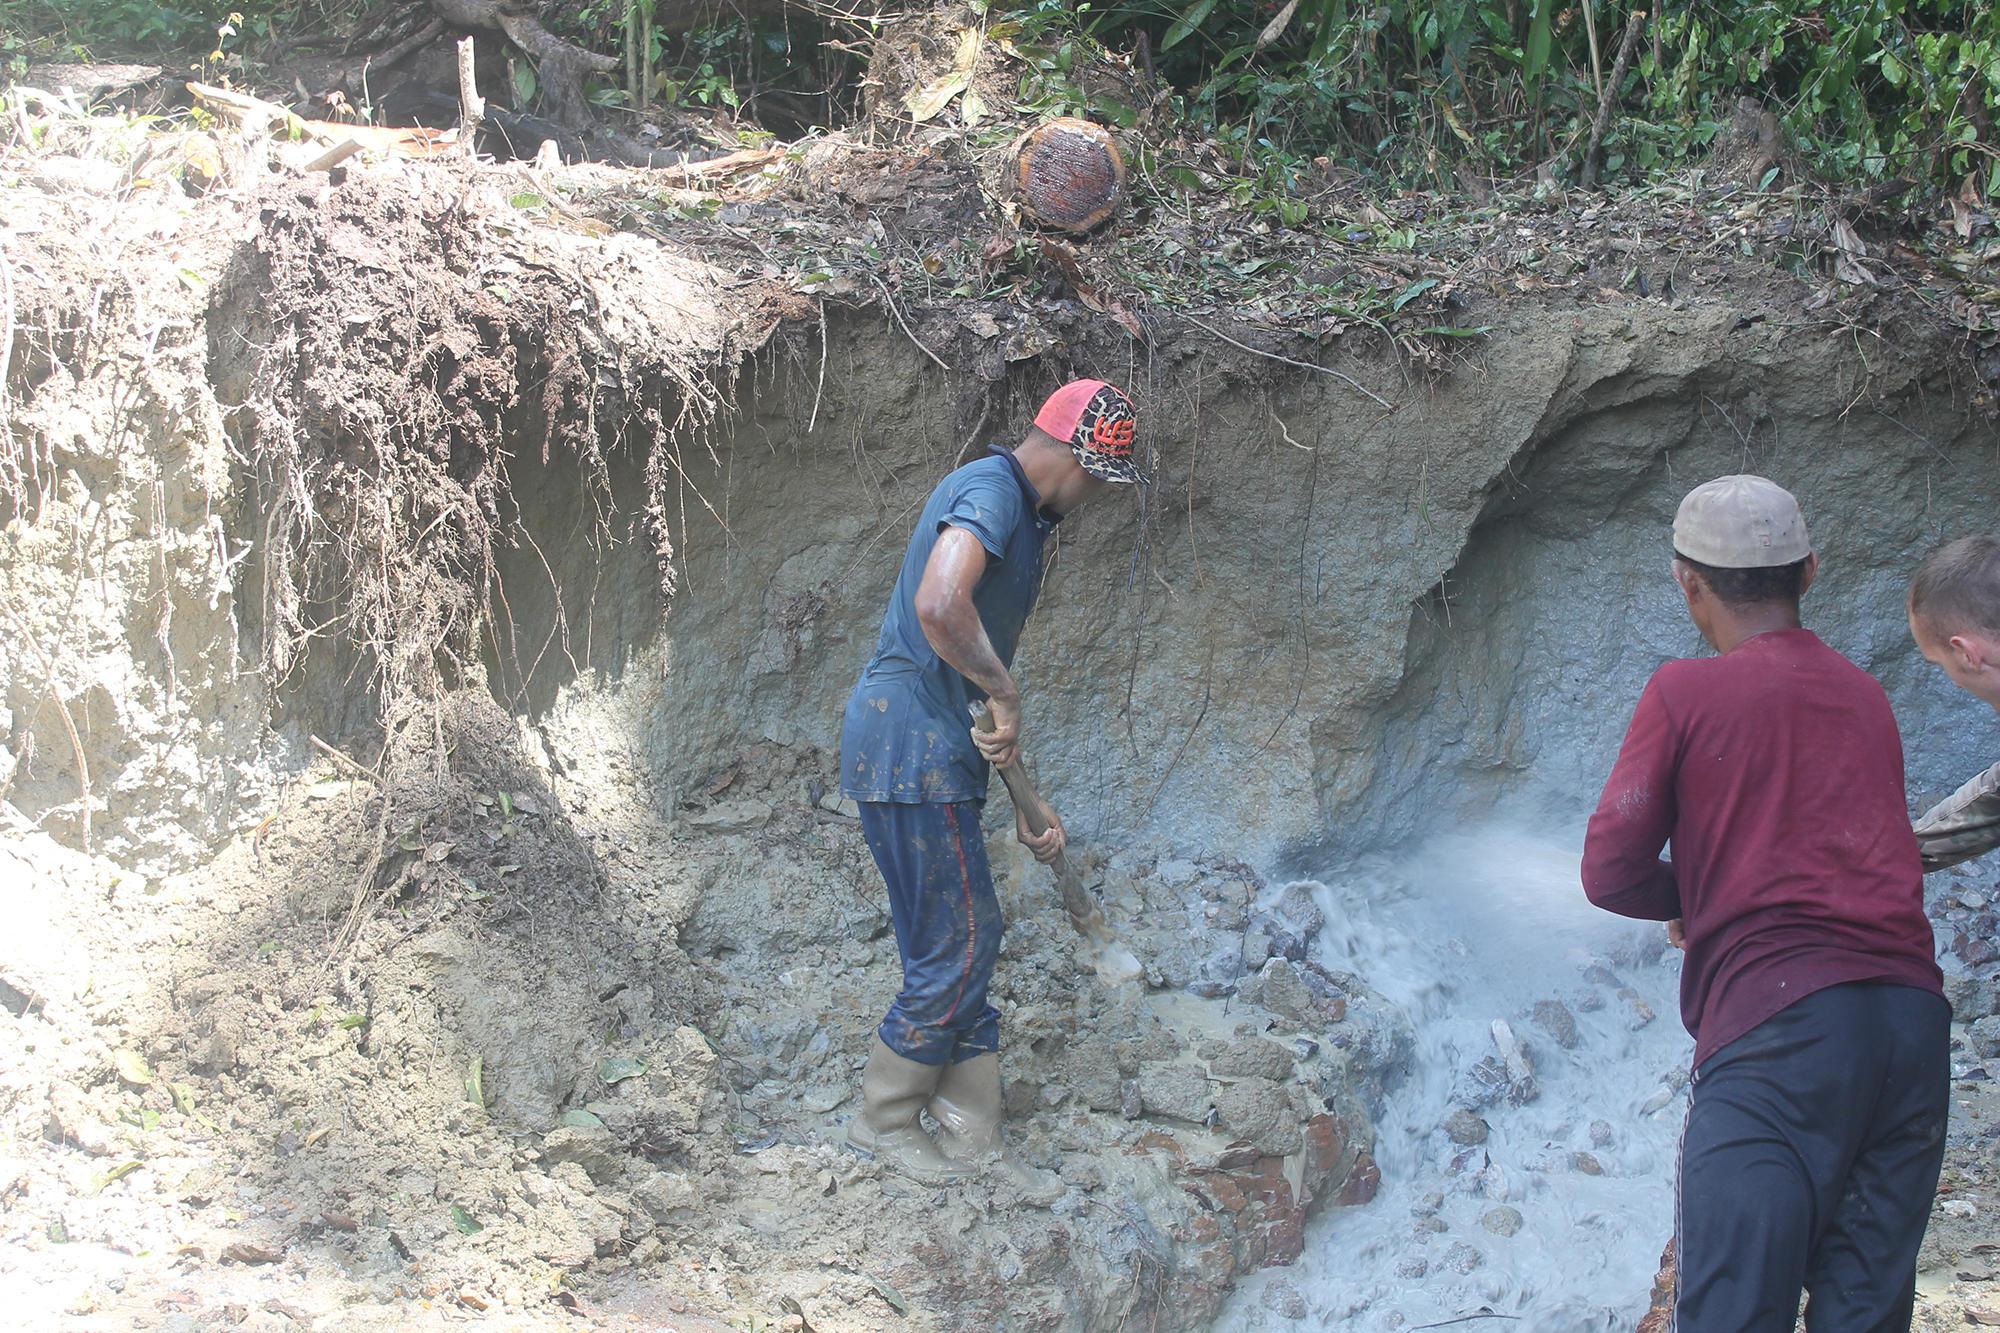 Les techniques sont rudimentaires mais la connaissance empirique que les garimpeiros ont des sols leur permet de trouver ce qu'ils cherchent.